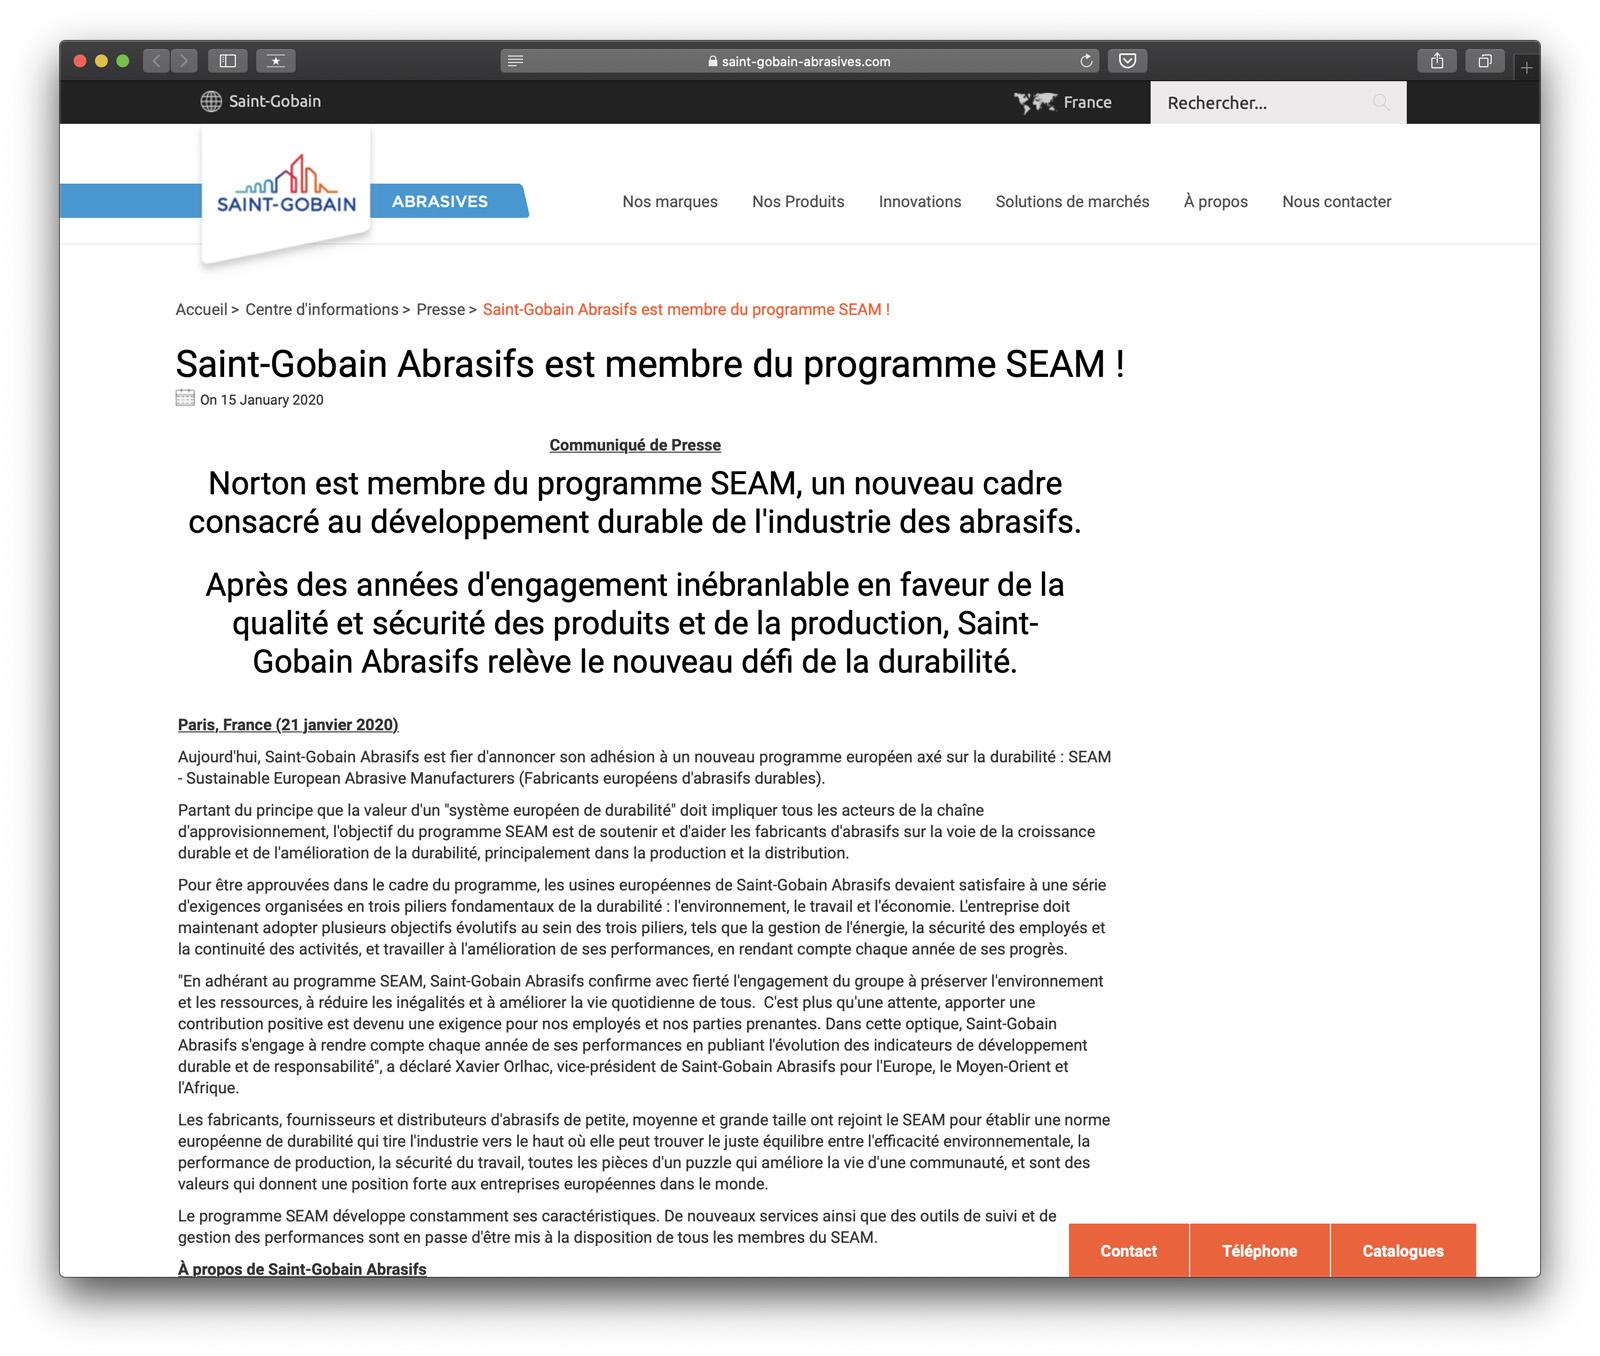 Saint-Gobain Abrasifs est membre du programme SEAM !